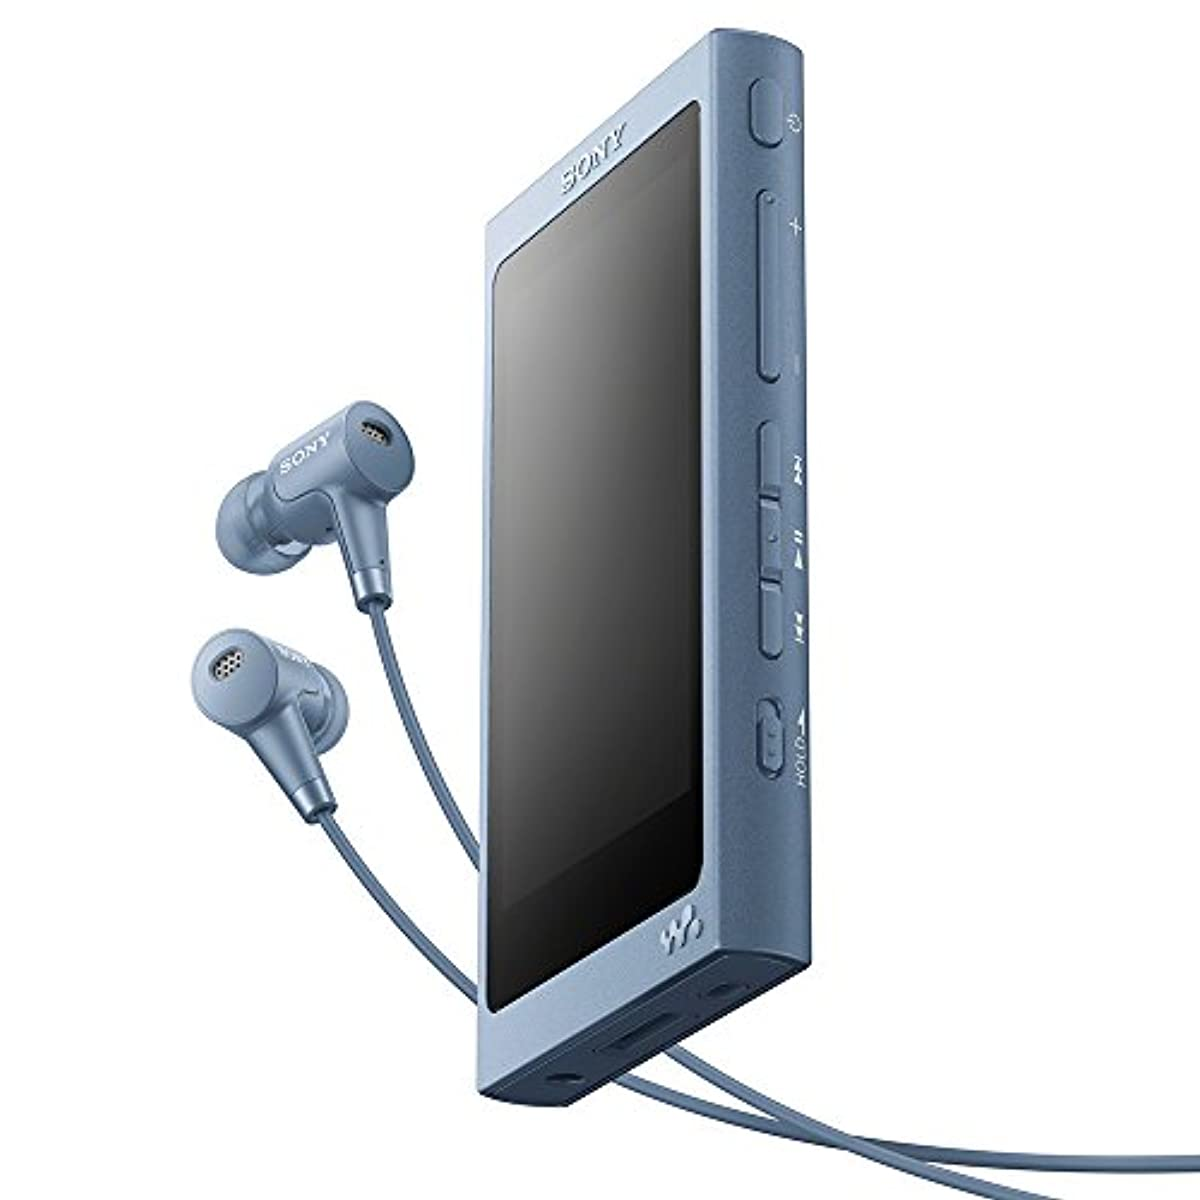 [해외] 소니 SONY 워크맨 A실리즈 16GB NW-A45HN : BLUETOOTH/MICROSD/하이레조대응 최대39시건 연속 재생 노이즈캔슬링이어폰부속 2017년 모델 문 re도부루 NW-A45HN L